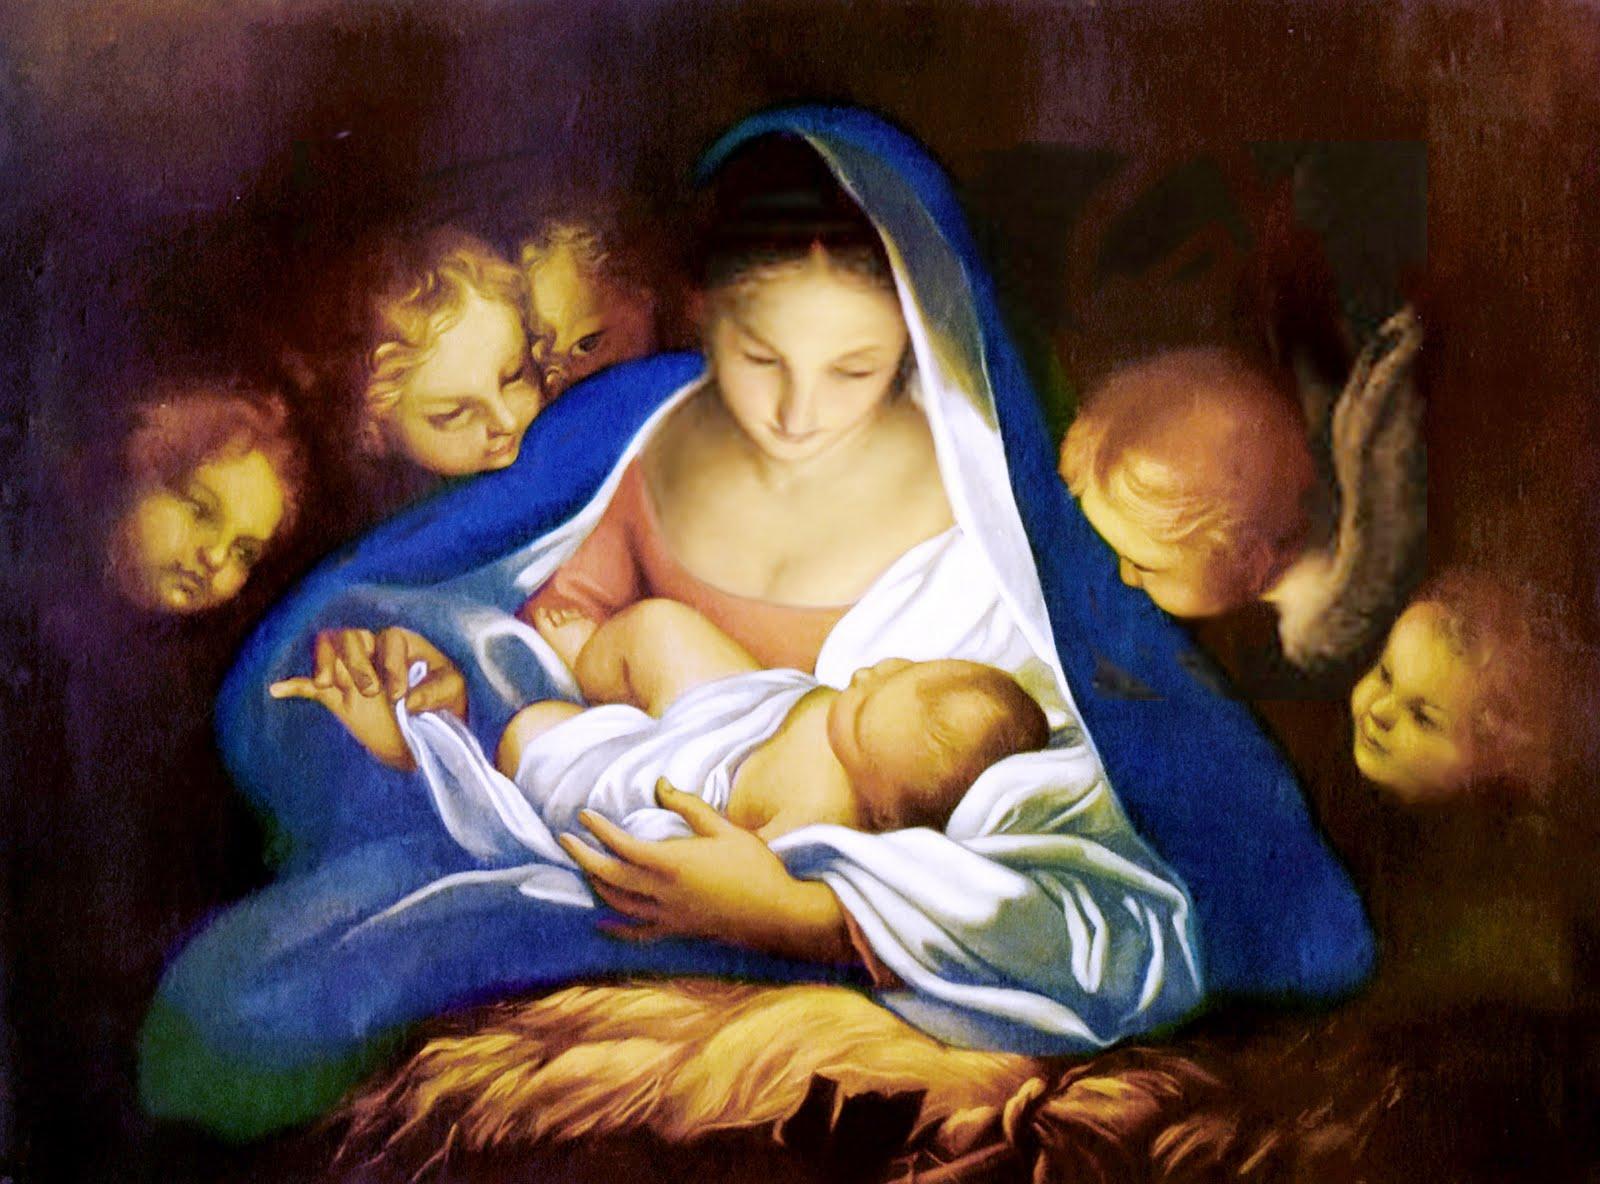 Nacimiento de Jesús no requiere registro civil • Periódico El ...